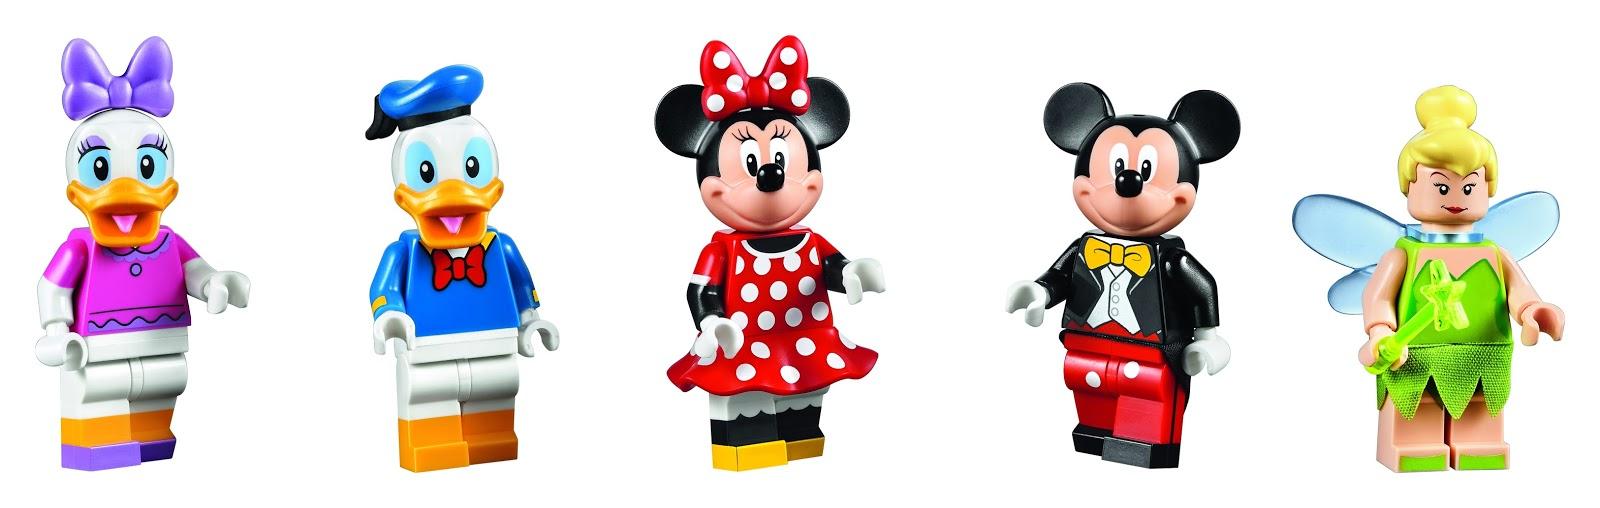 Klocki Lego Disney Castle 71040 Już Dostępny Dla Vip ów